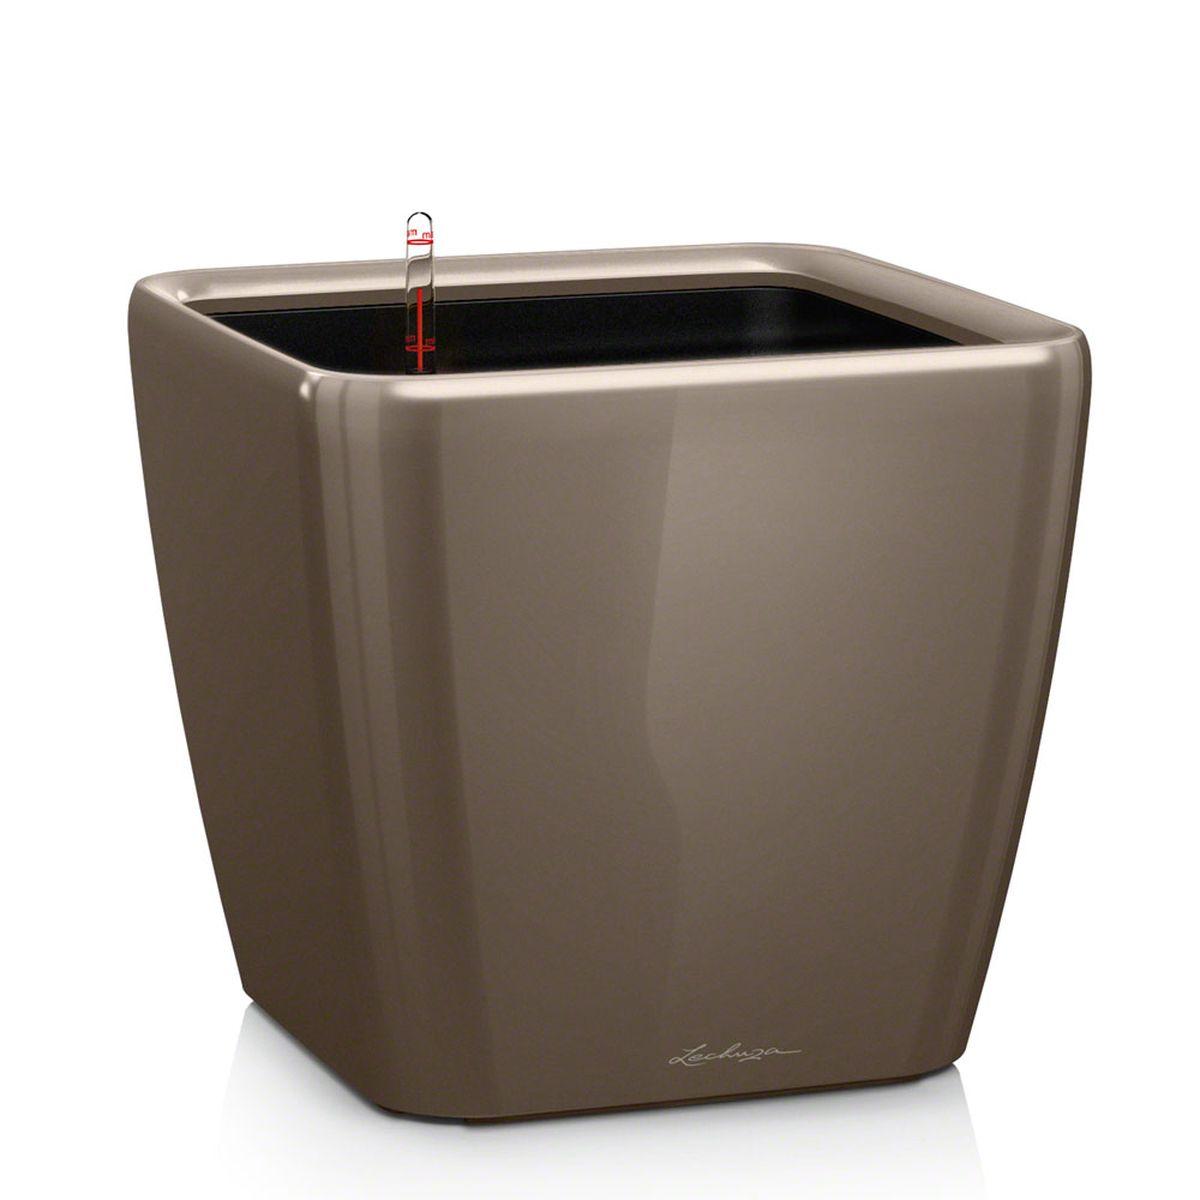 Кашпо с автополивом Lechuza Quadro 50х47 см, серо-коричневое LS16285Элегантная ручка цвета самого кашпо украшает все наборы Все-в-одном кашпо серии QUADRO. Она не только красиво смотрится, но и обеспечивает возможность легкой замены растений. Особые преимущества: - Запатентованный внутренний горшок - Ручка цвета горшка не только практична, но еще и дополнительно подчеркивает изящный дизайн кашпо - В качестве опции: Подставка на роликах для QUADRO 43 и 50